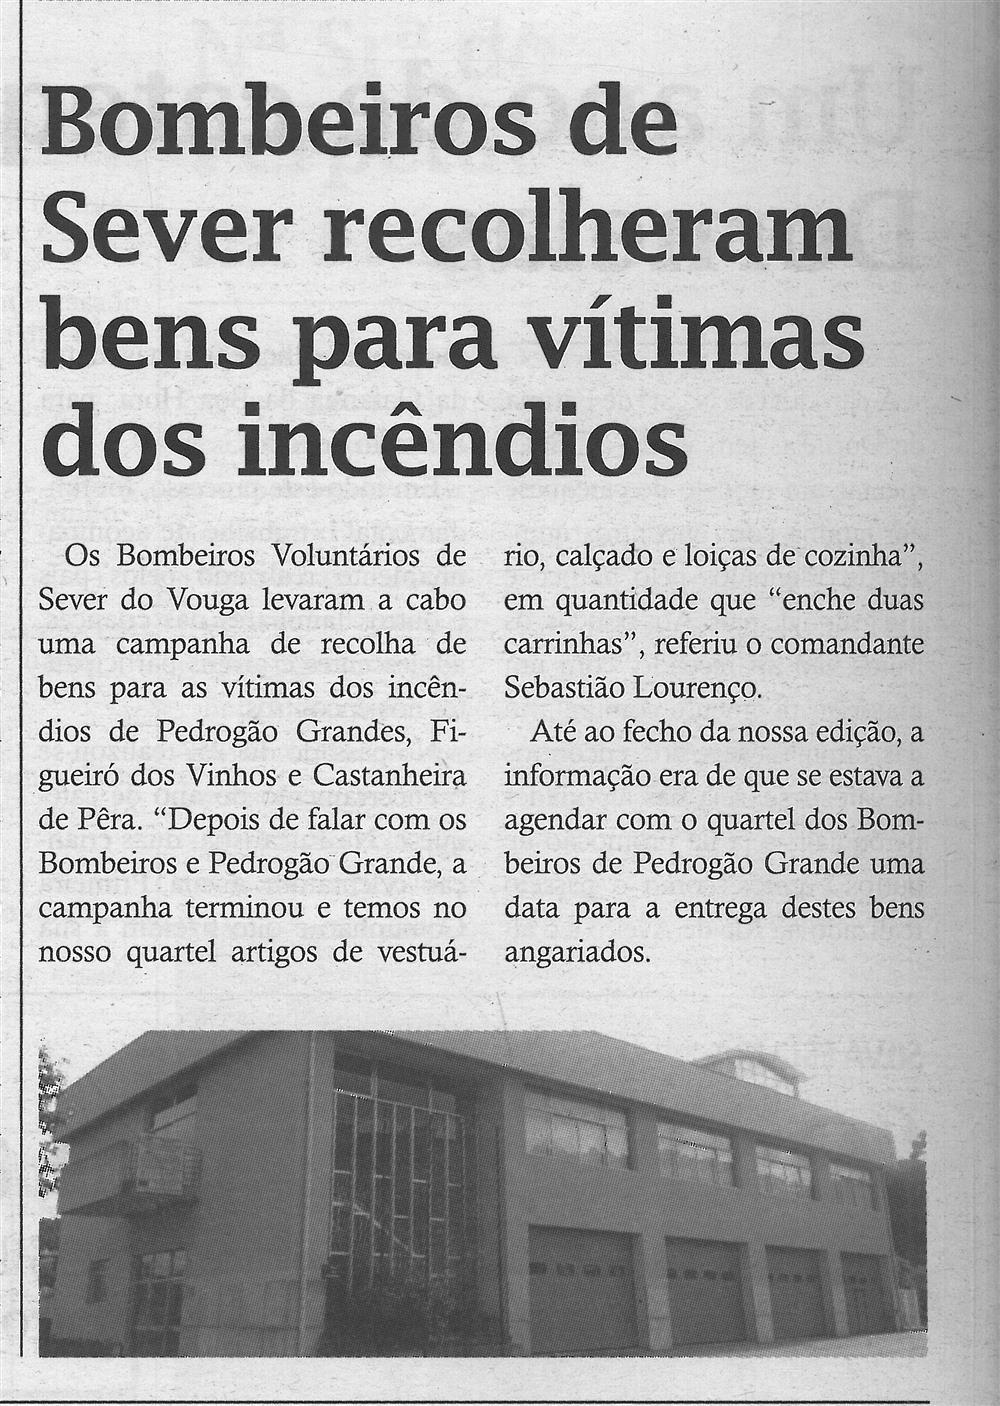 TV-jul.'17-p.8-Bombeiros de Sever recolheram bens para vítimas dos incêndios.jpg